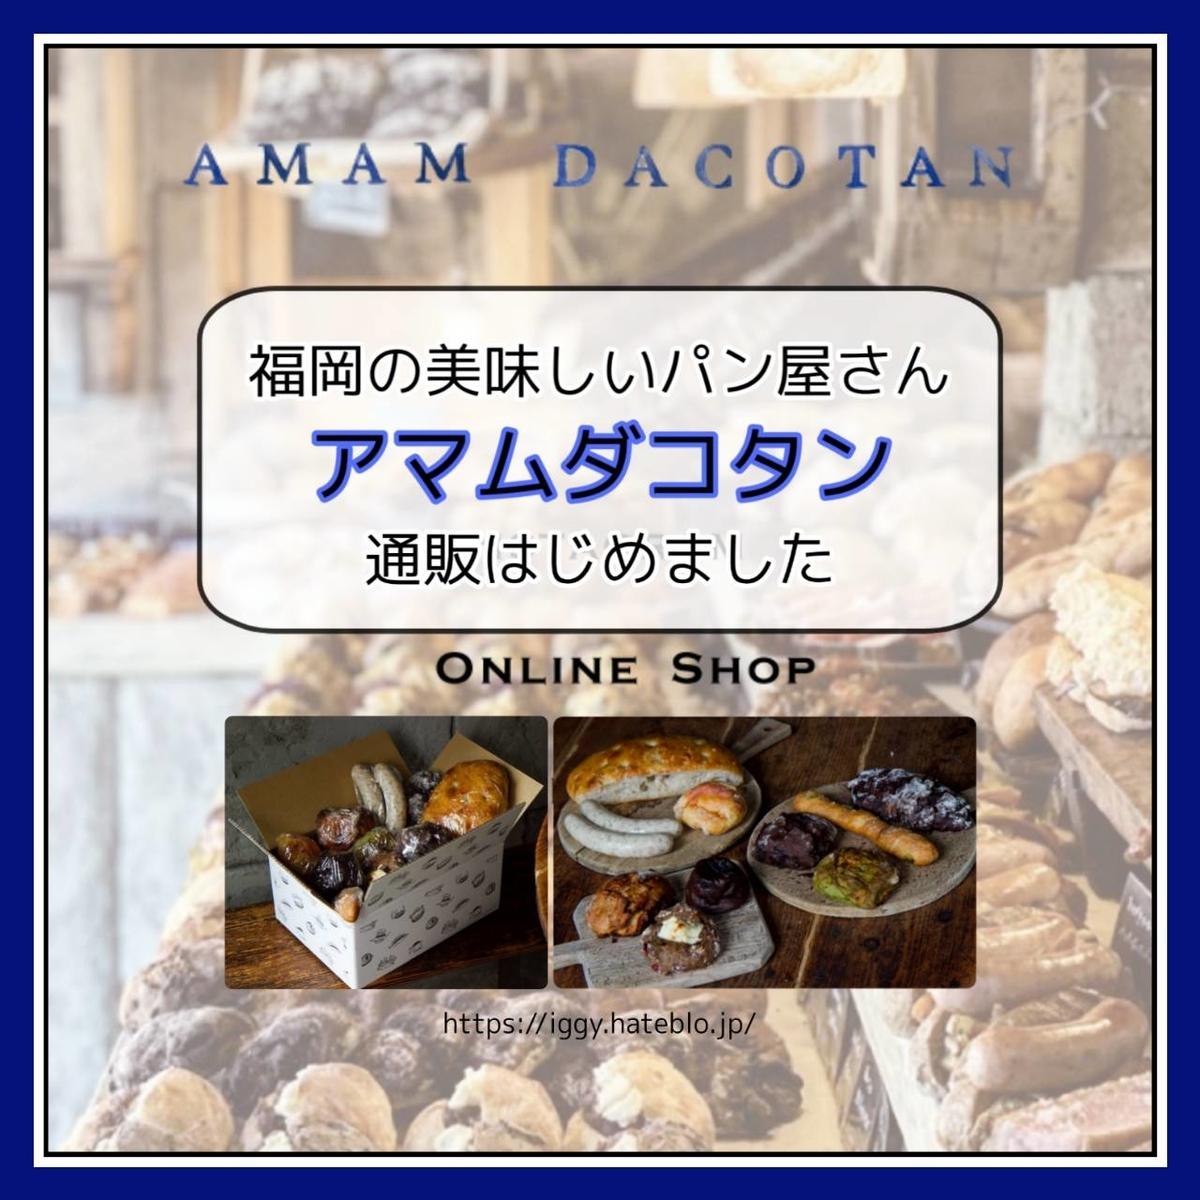 福岡の美味しいパン屋 AMAM DACOTAN アマムダコタン 通販 デリバリー お取り寄せ